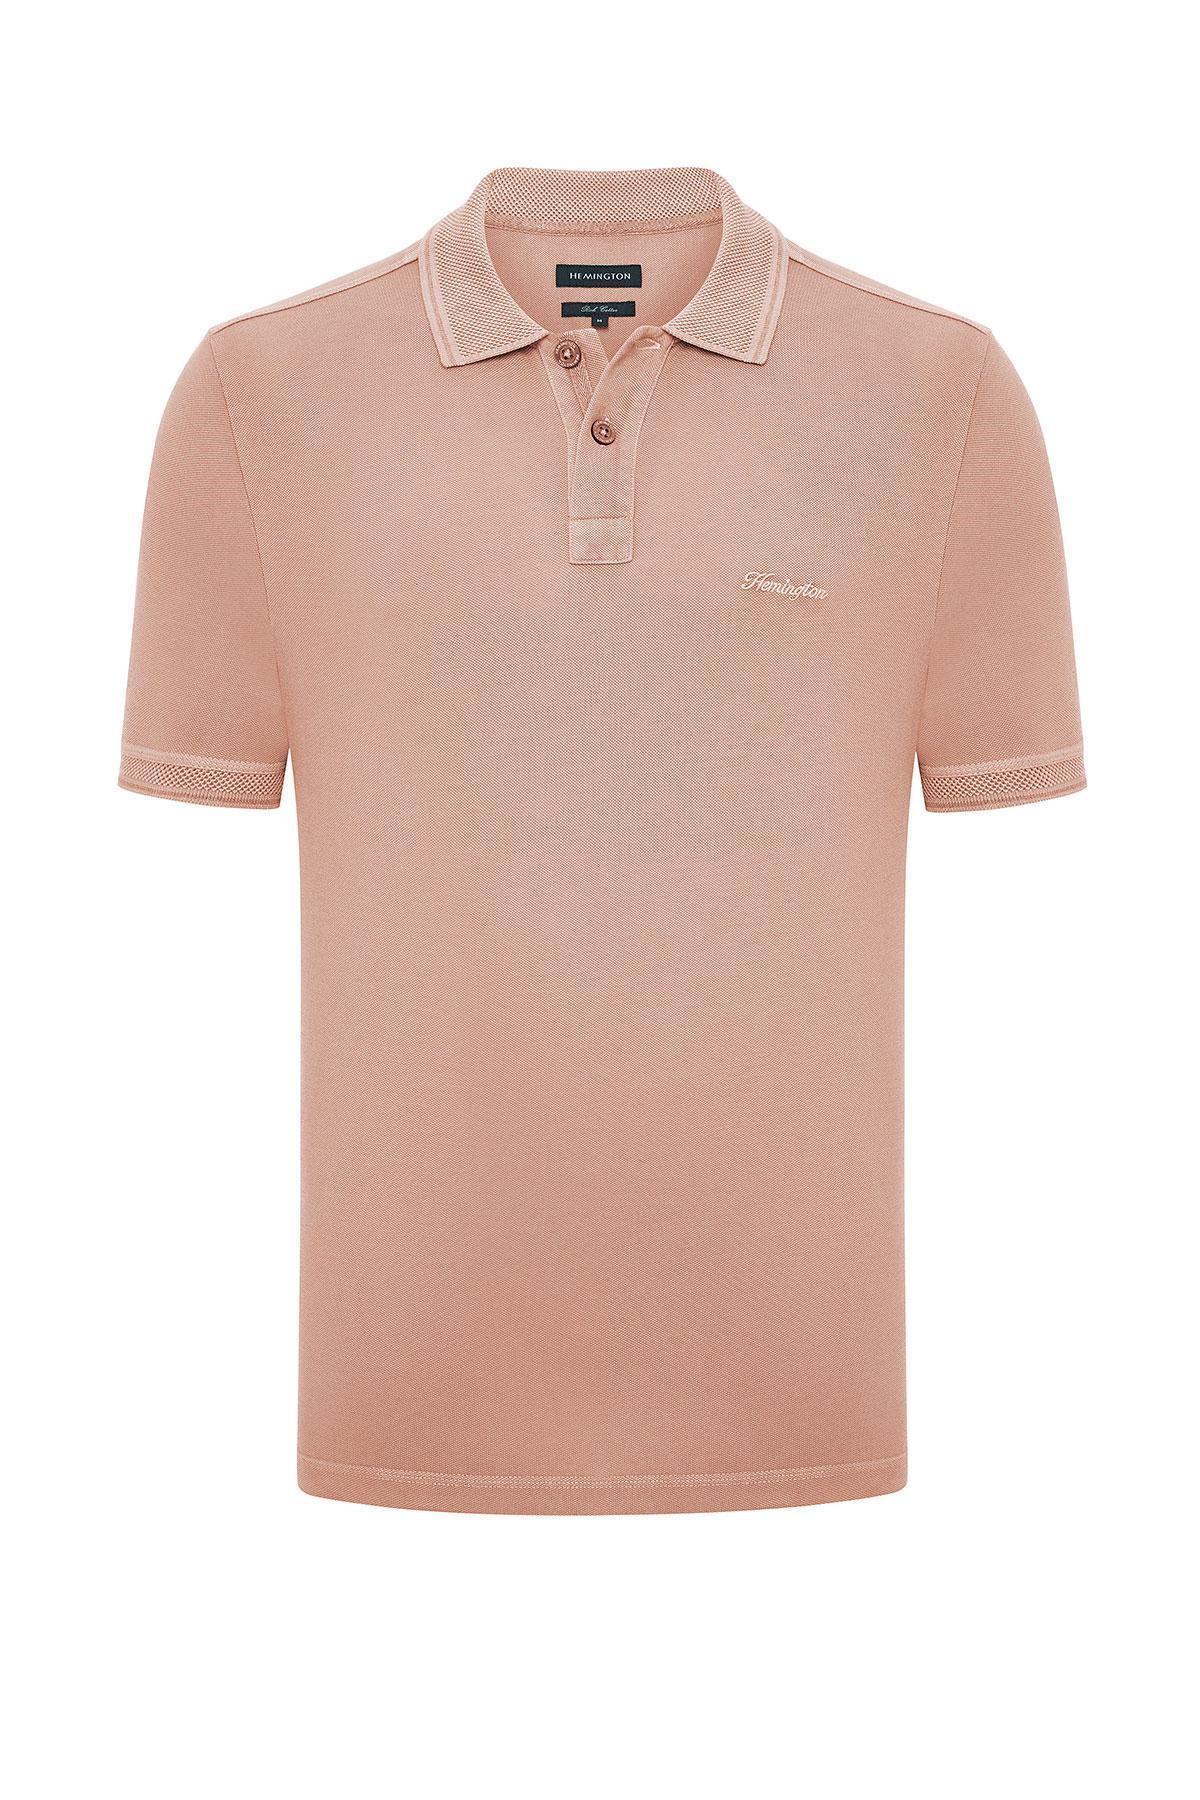 Vintage Görünümlü Somon Rengi Polo Yaka T-Shirt